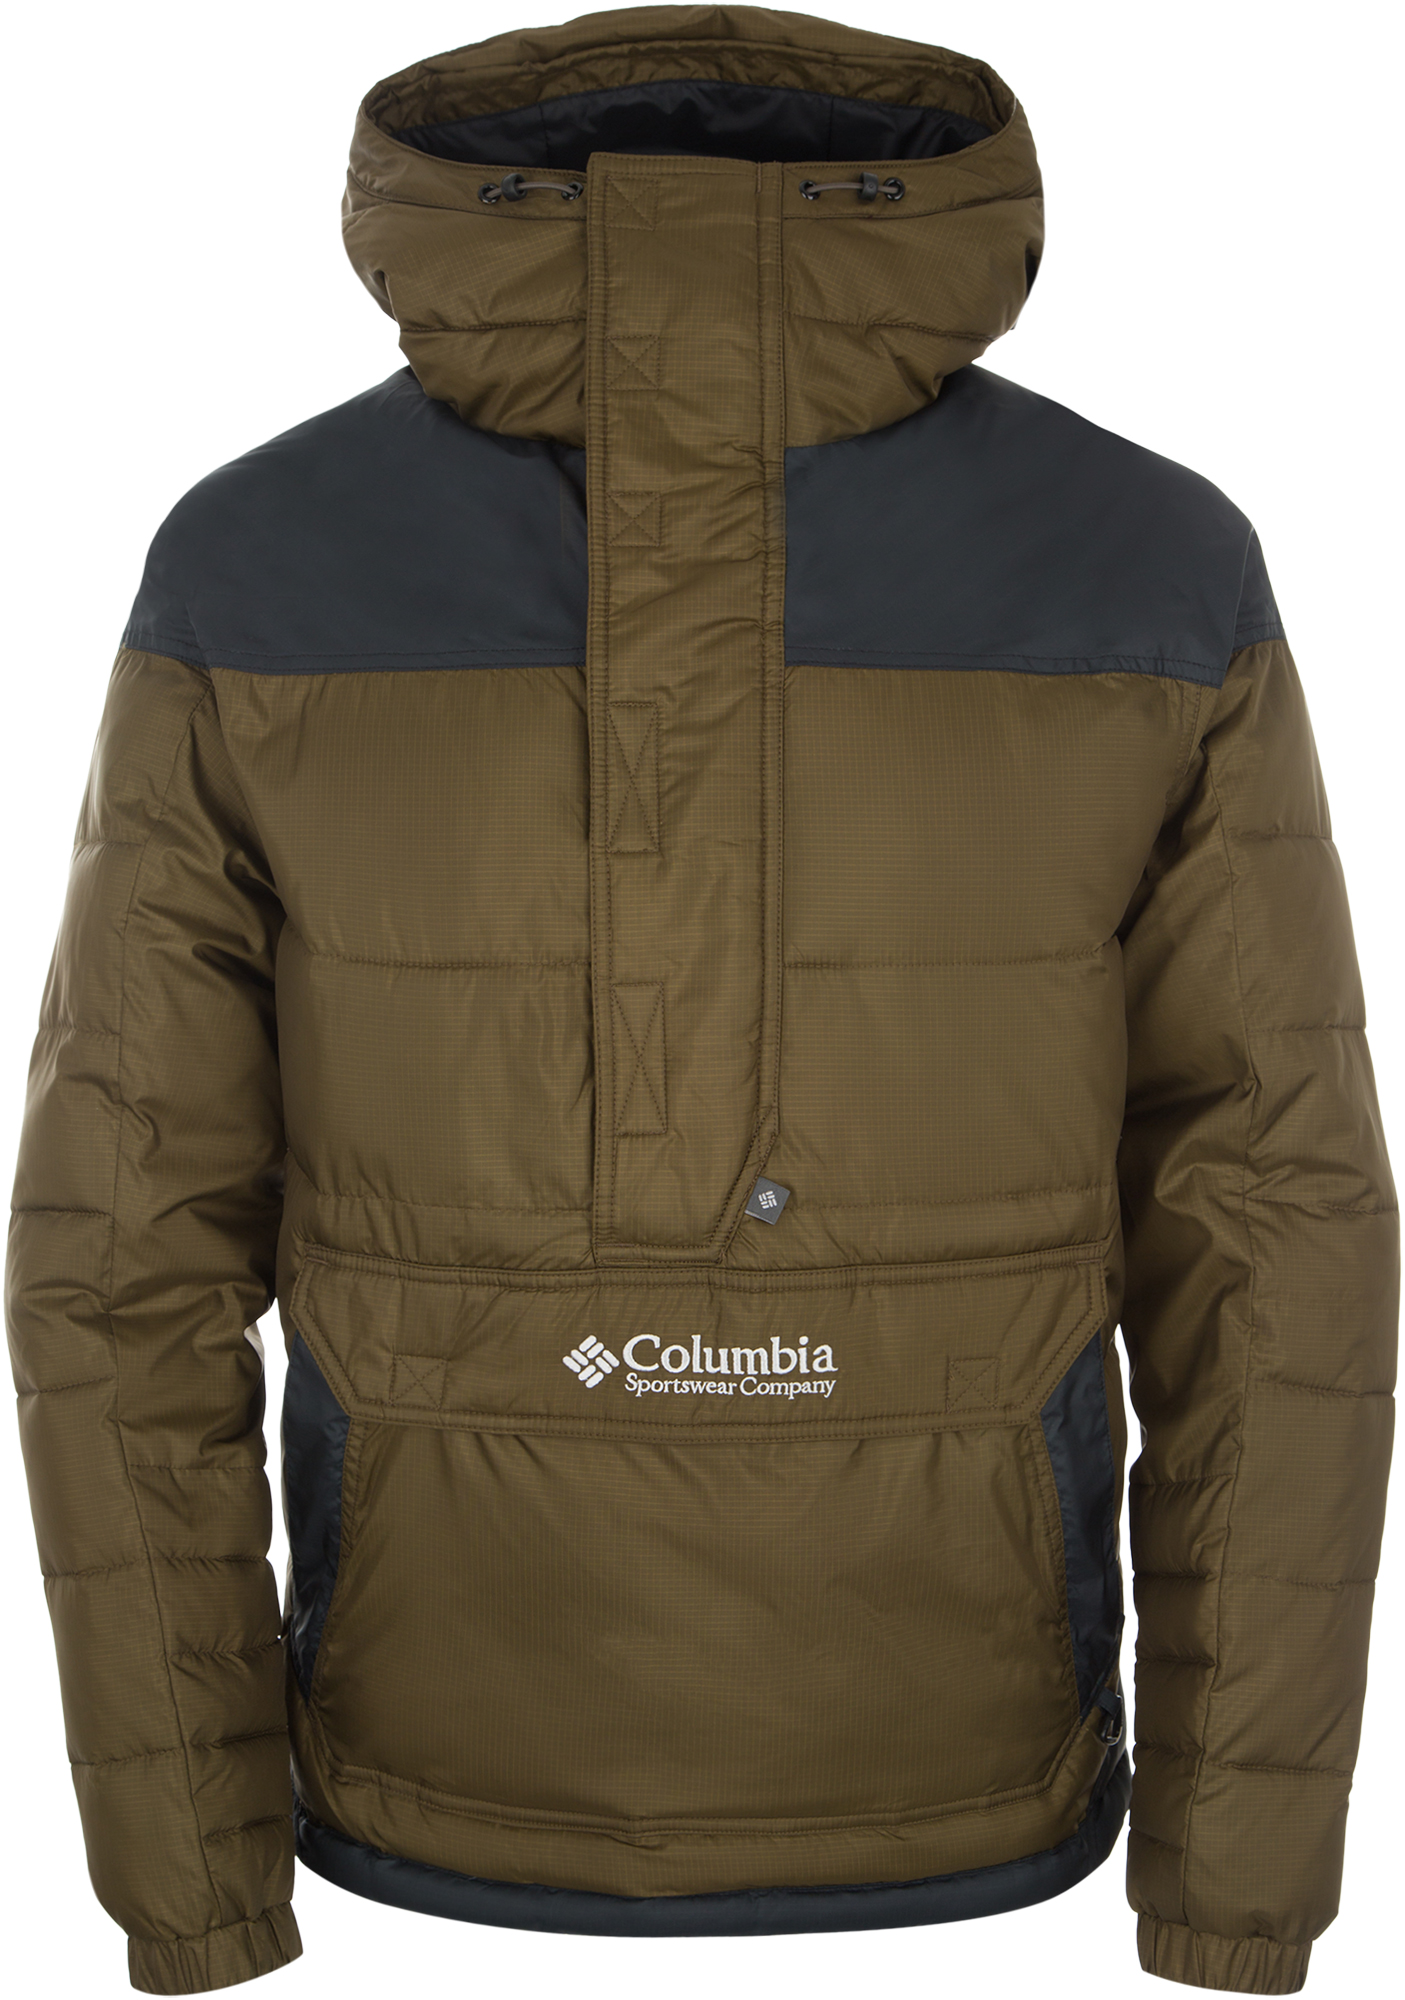 Columbia Куртка утепленная мужская Columbia Lodge, размер 56-58 цена и фото